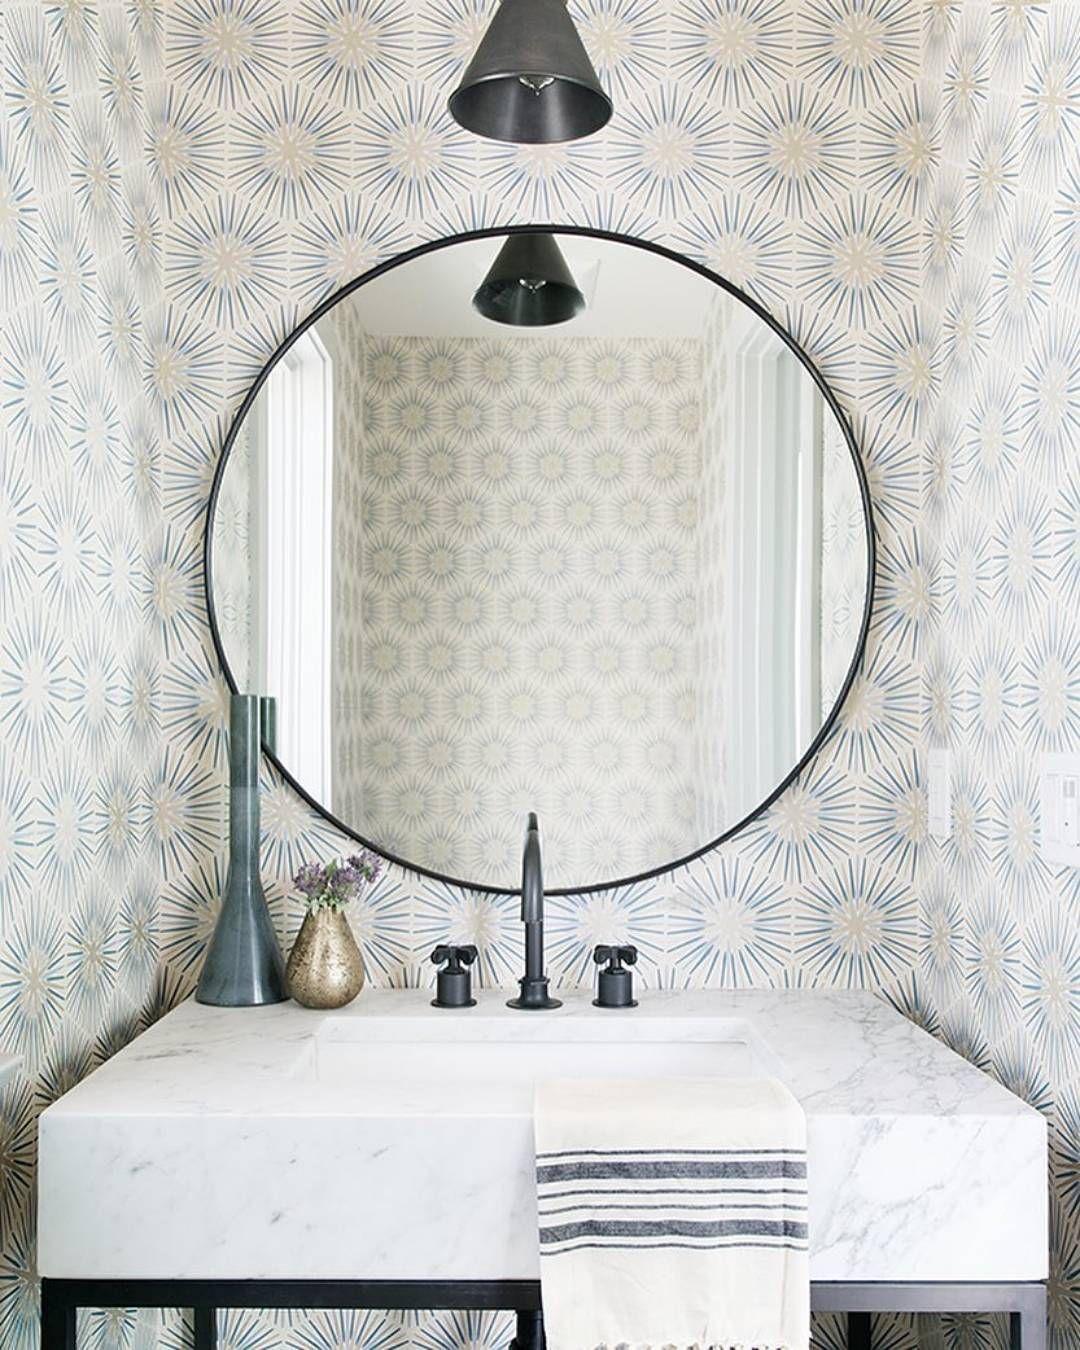 Round bathroom mirror | Home | Pinterest | Round bathroom mirror ...